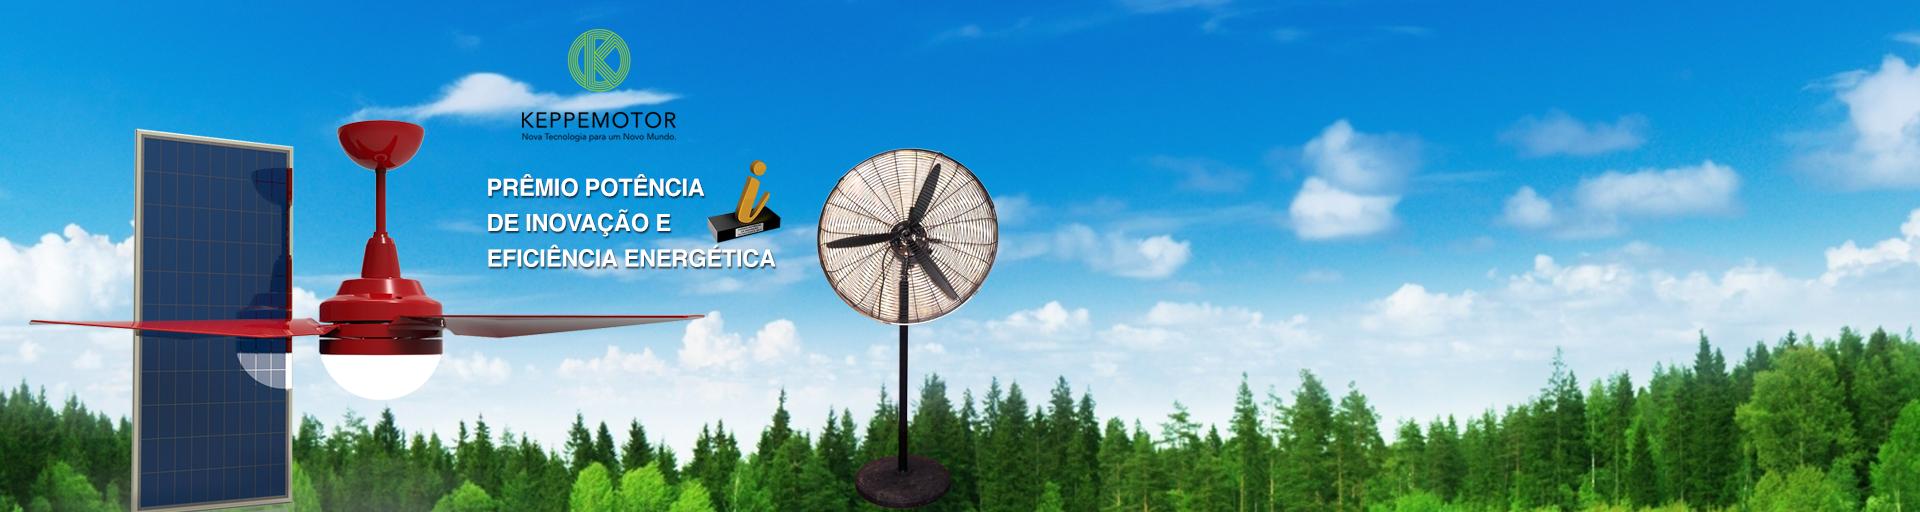 banner-keppe-motor-premio-potencia-eficiencia-energetica-4